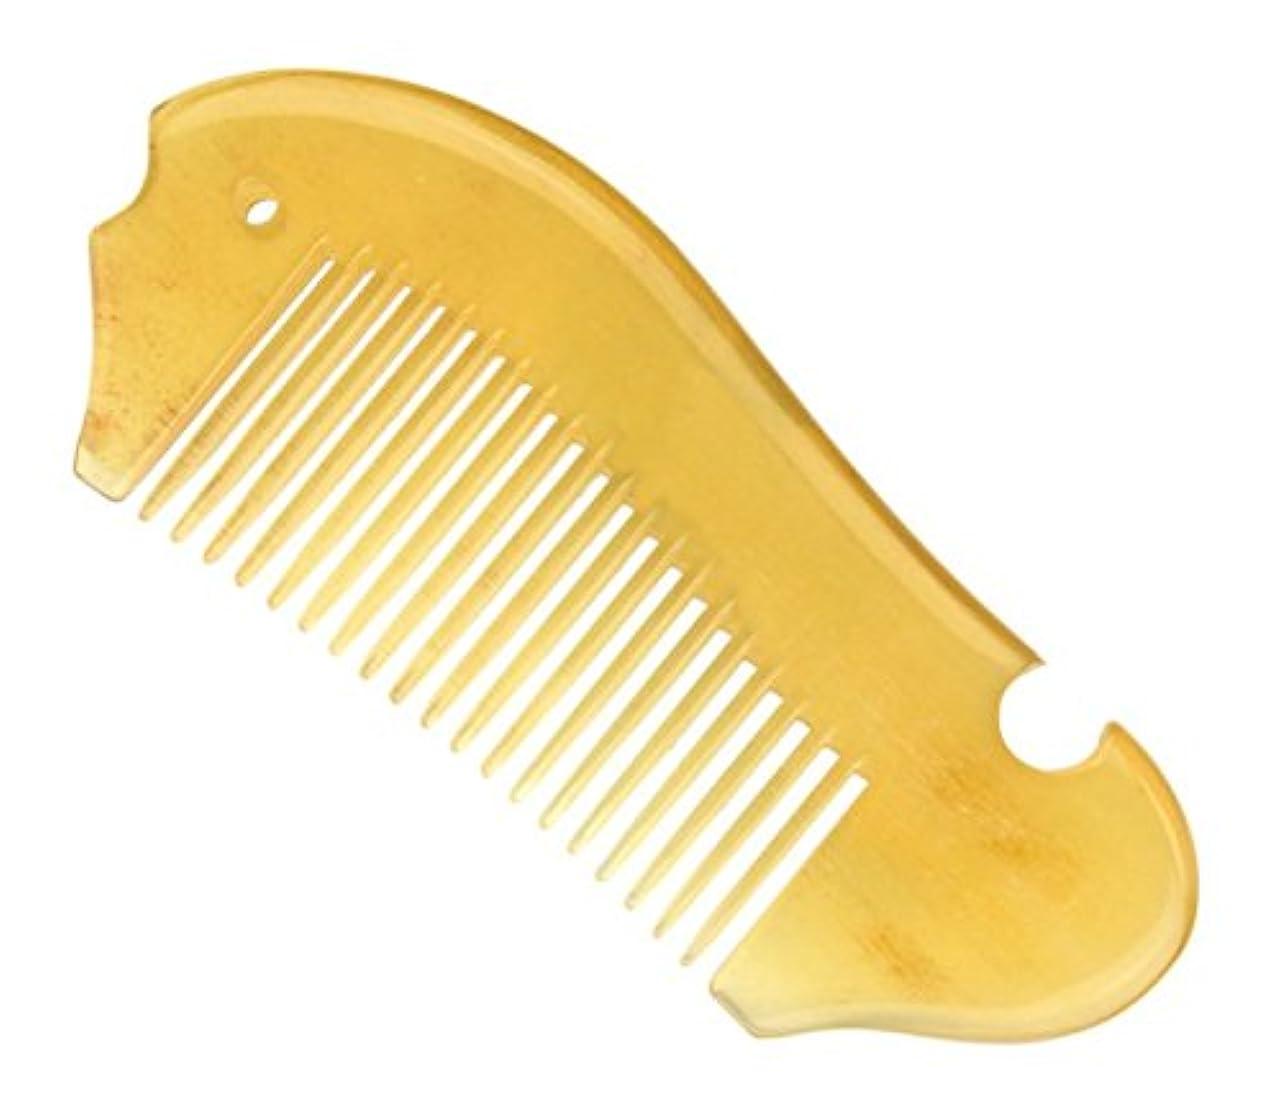 閃光ヘッドレススピーチ櫛型 プロも使う羊角かっさプレート マサージ用 血行改善 高級 天然 静電気防止 美髪 美顔 ボディ リンパマッサージ